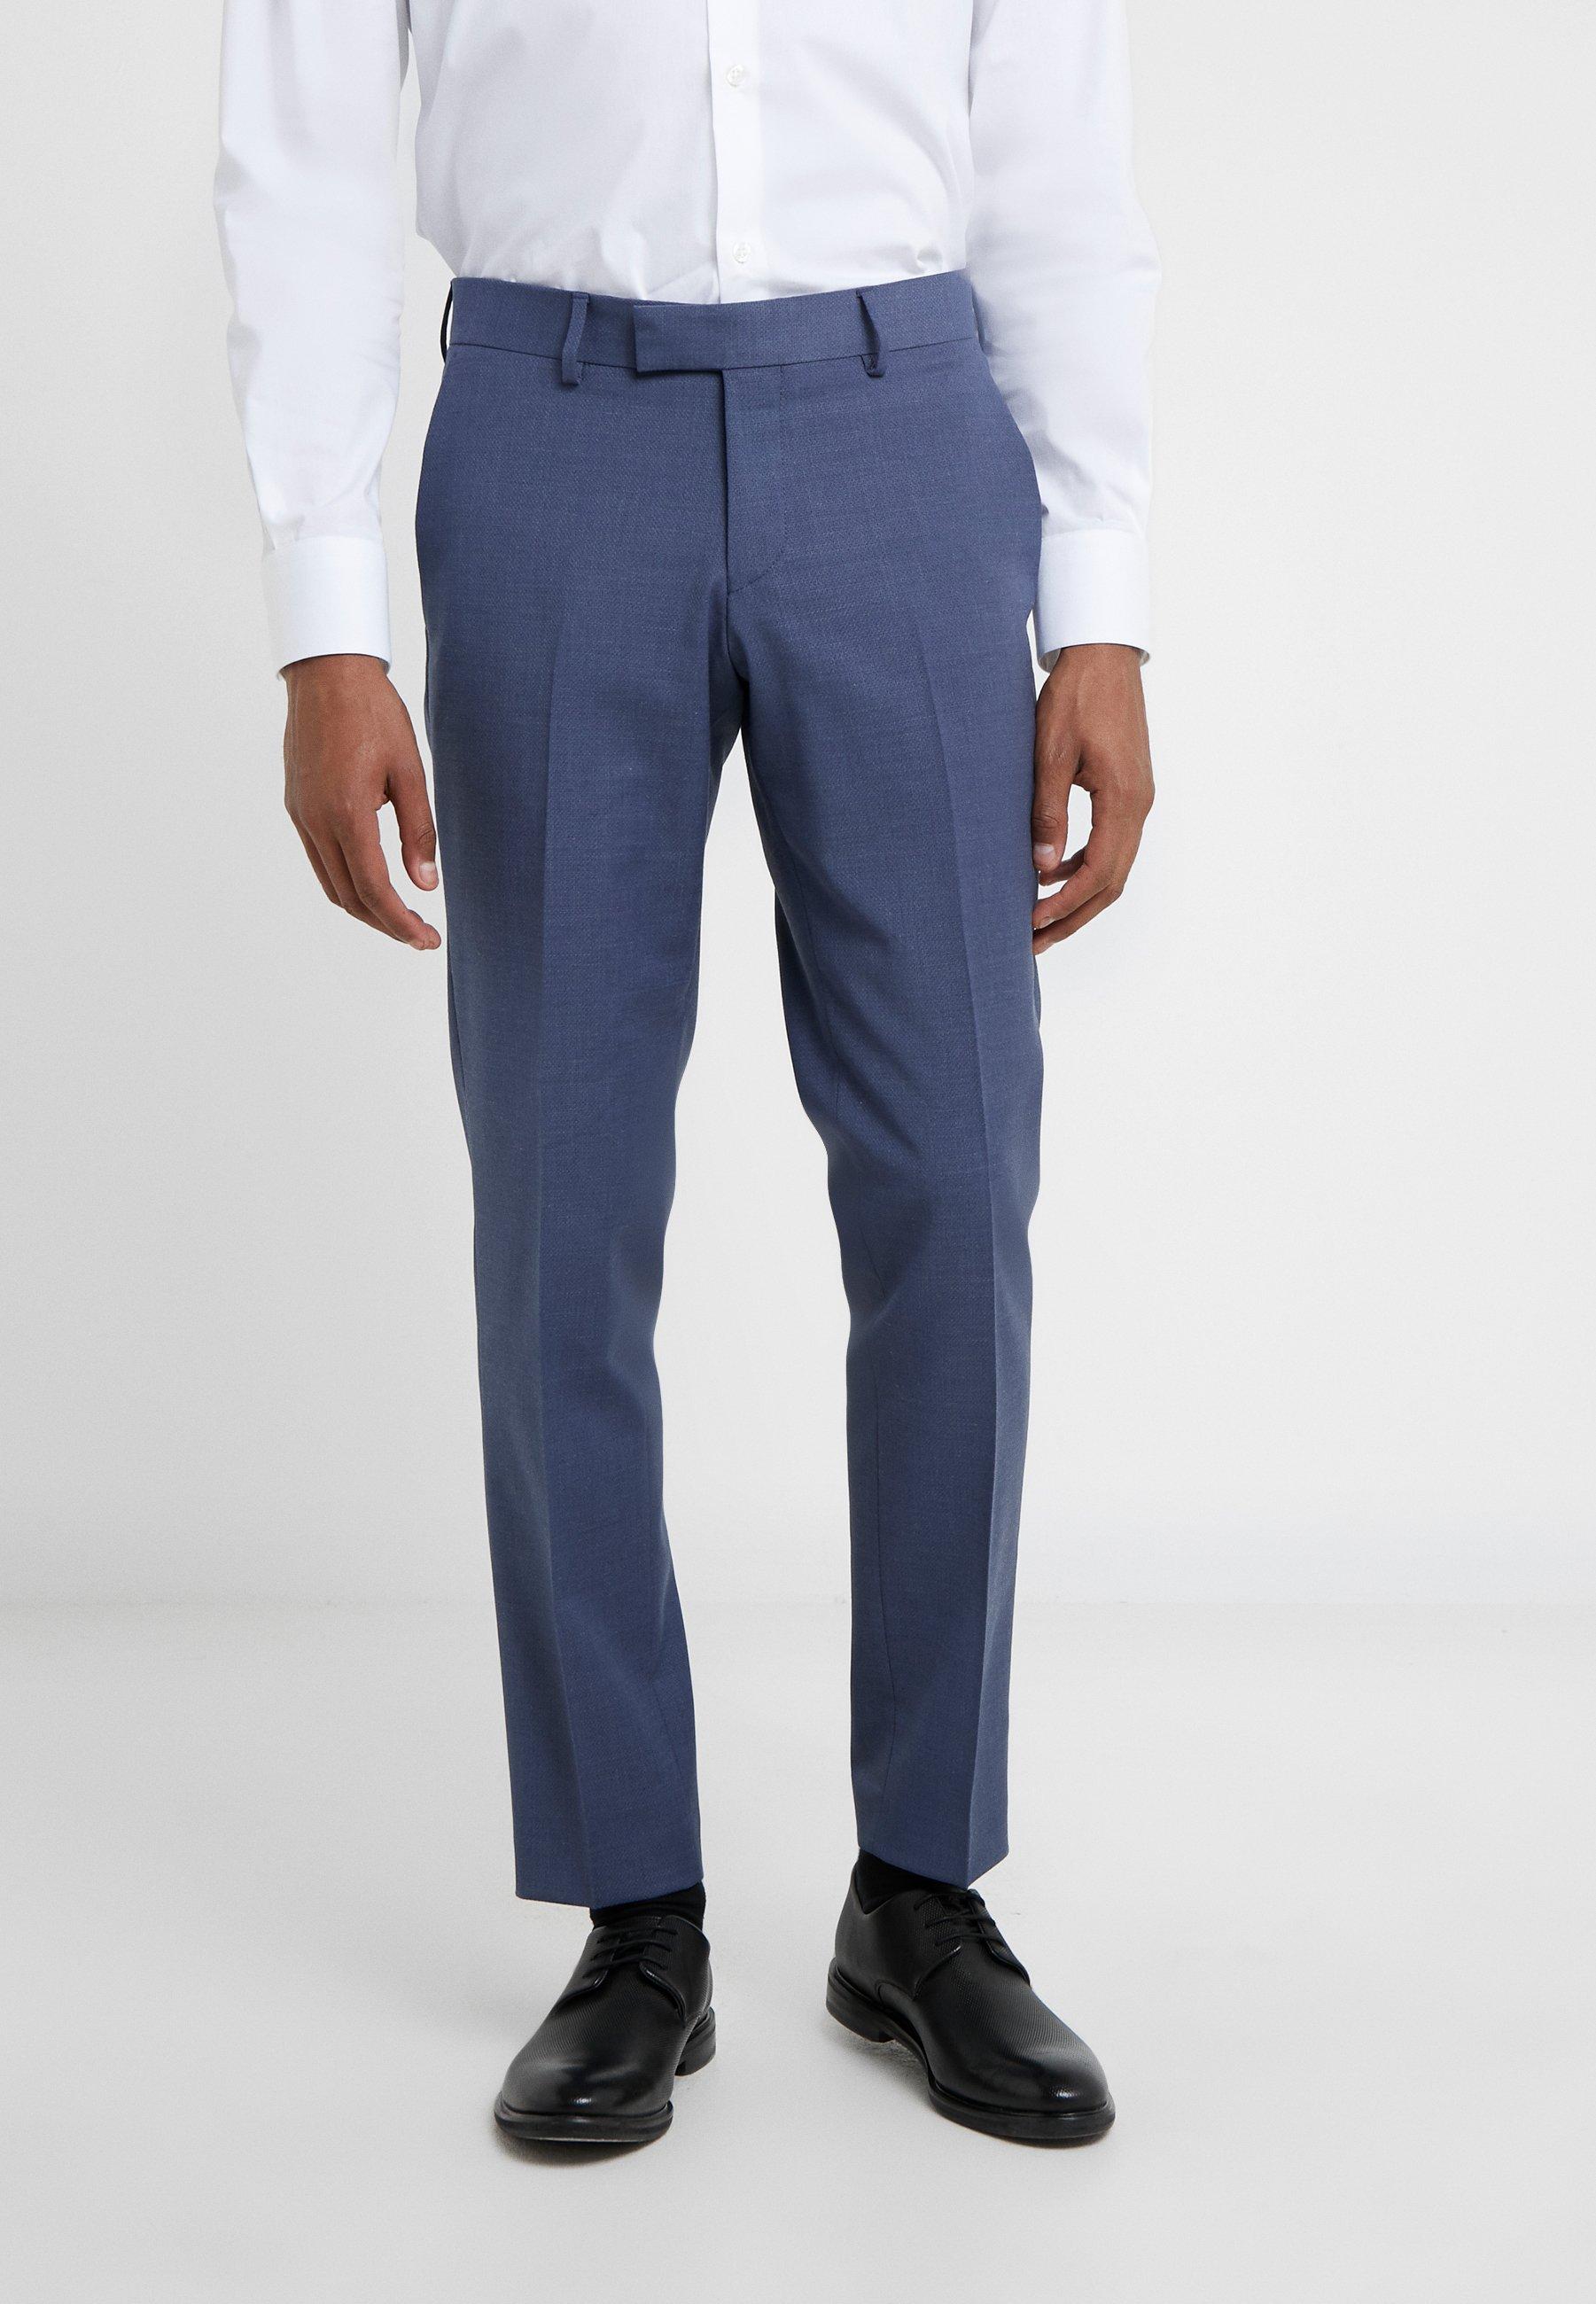 TORDON Dressbukse blau